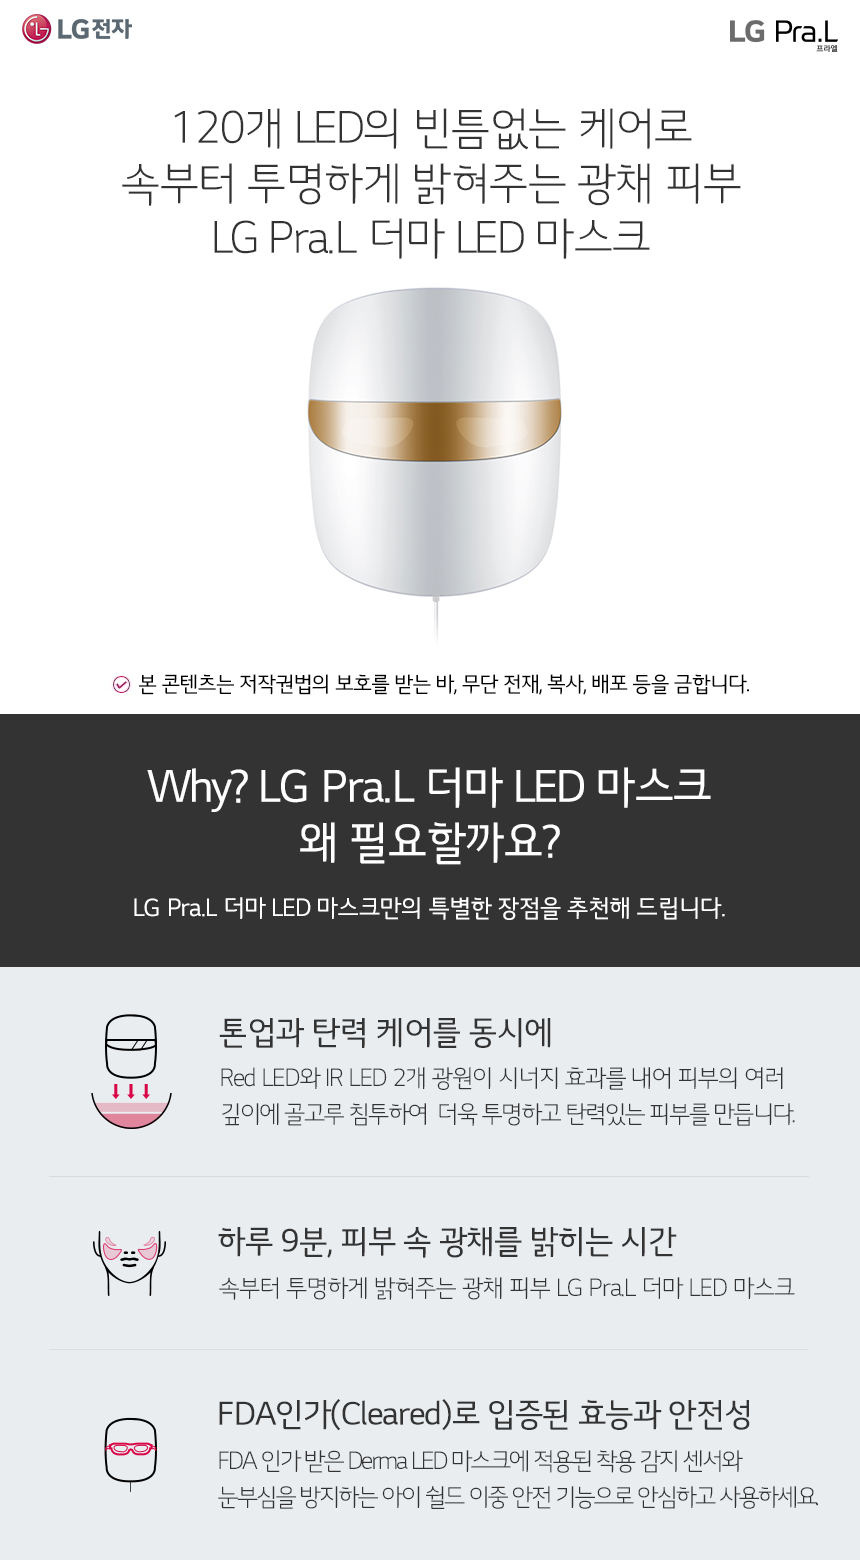 온라인몰 추가정보 하단 Why LG